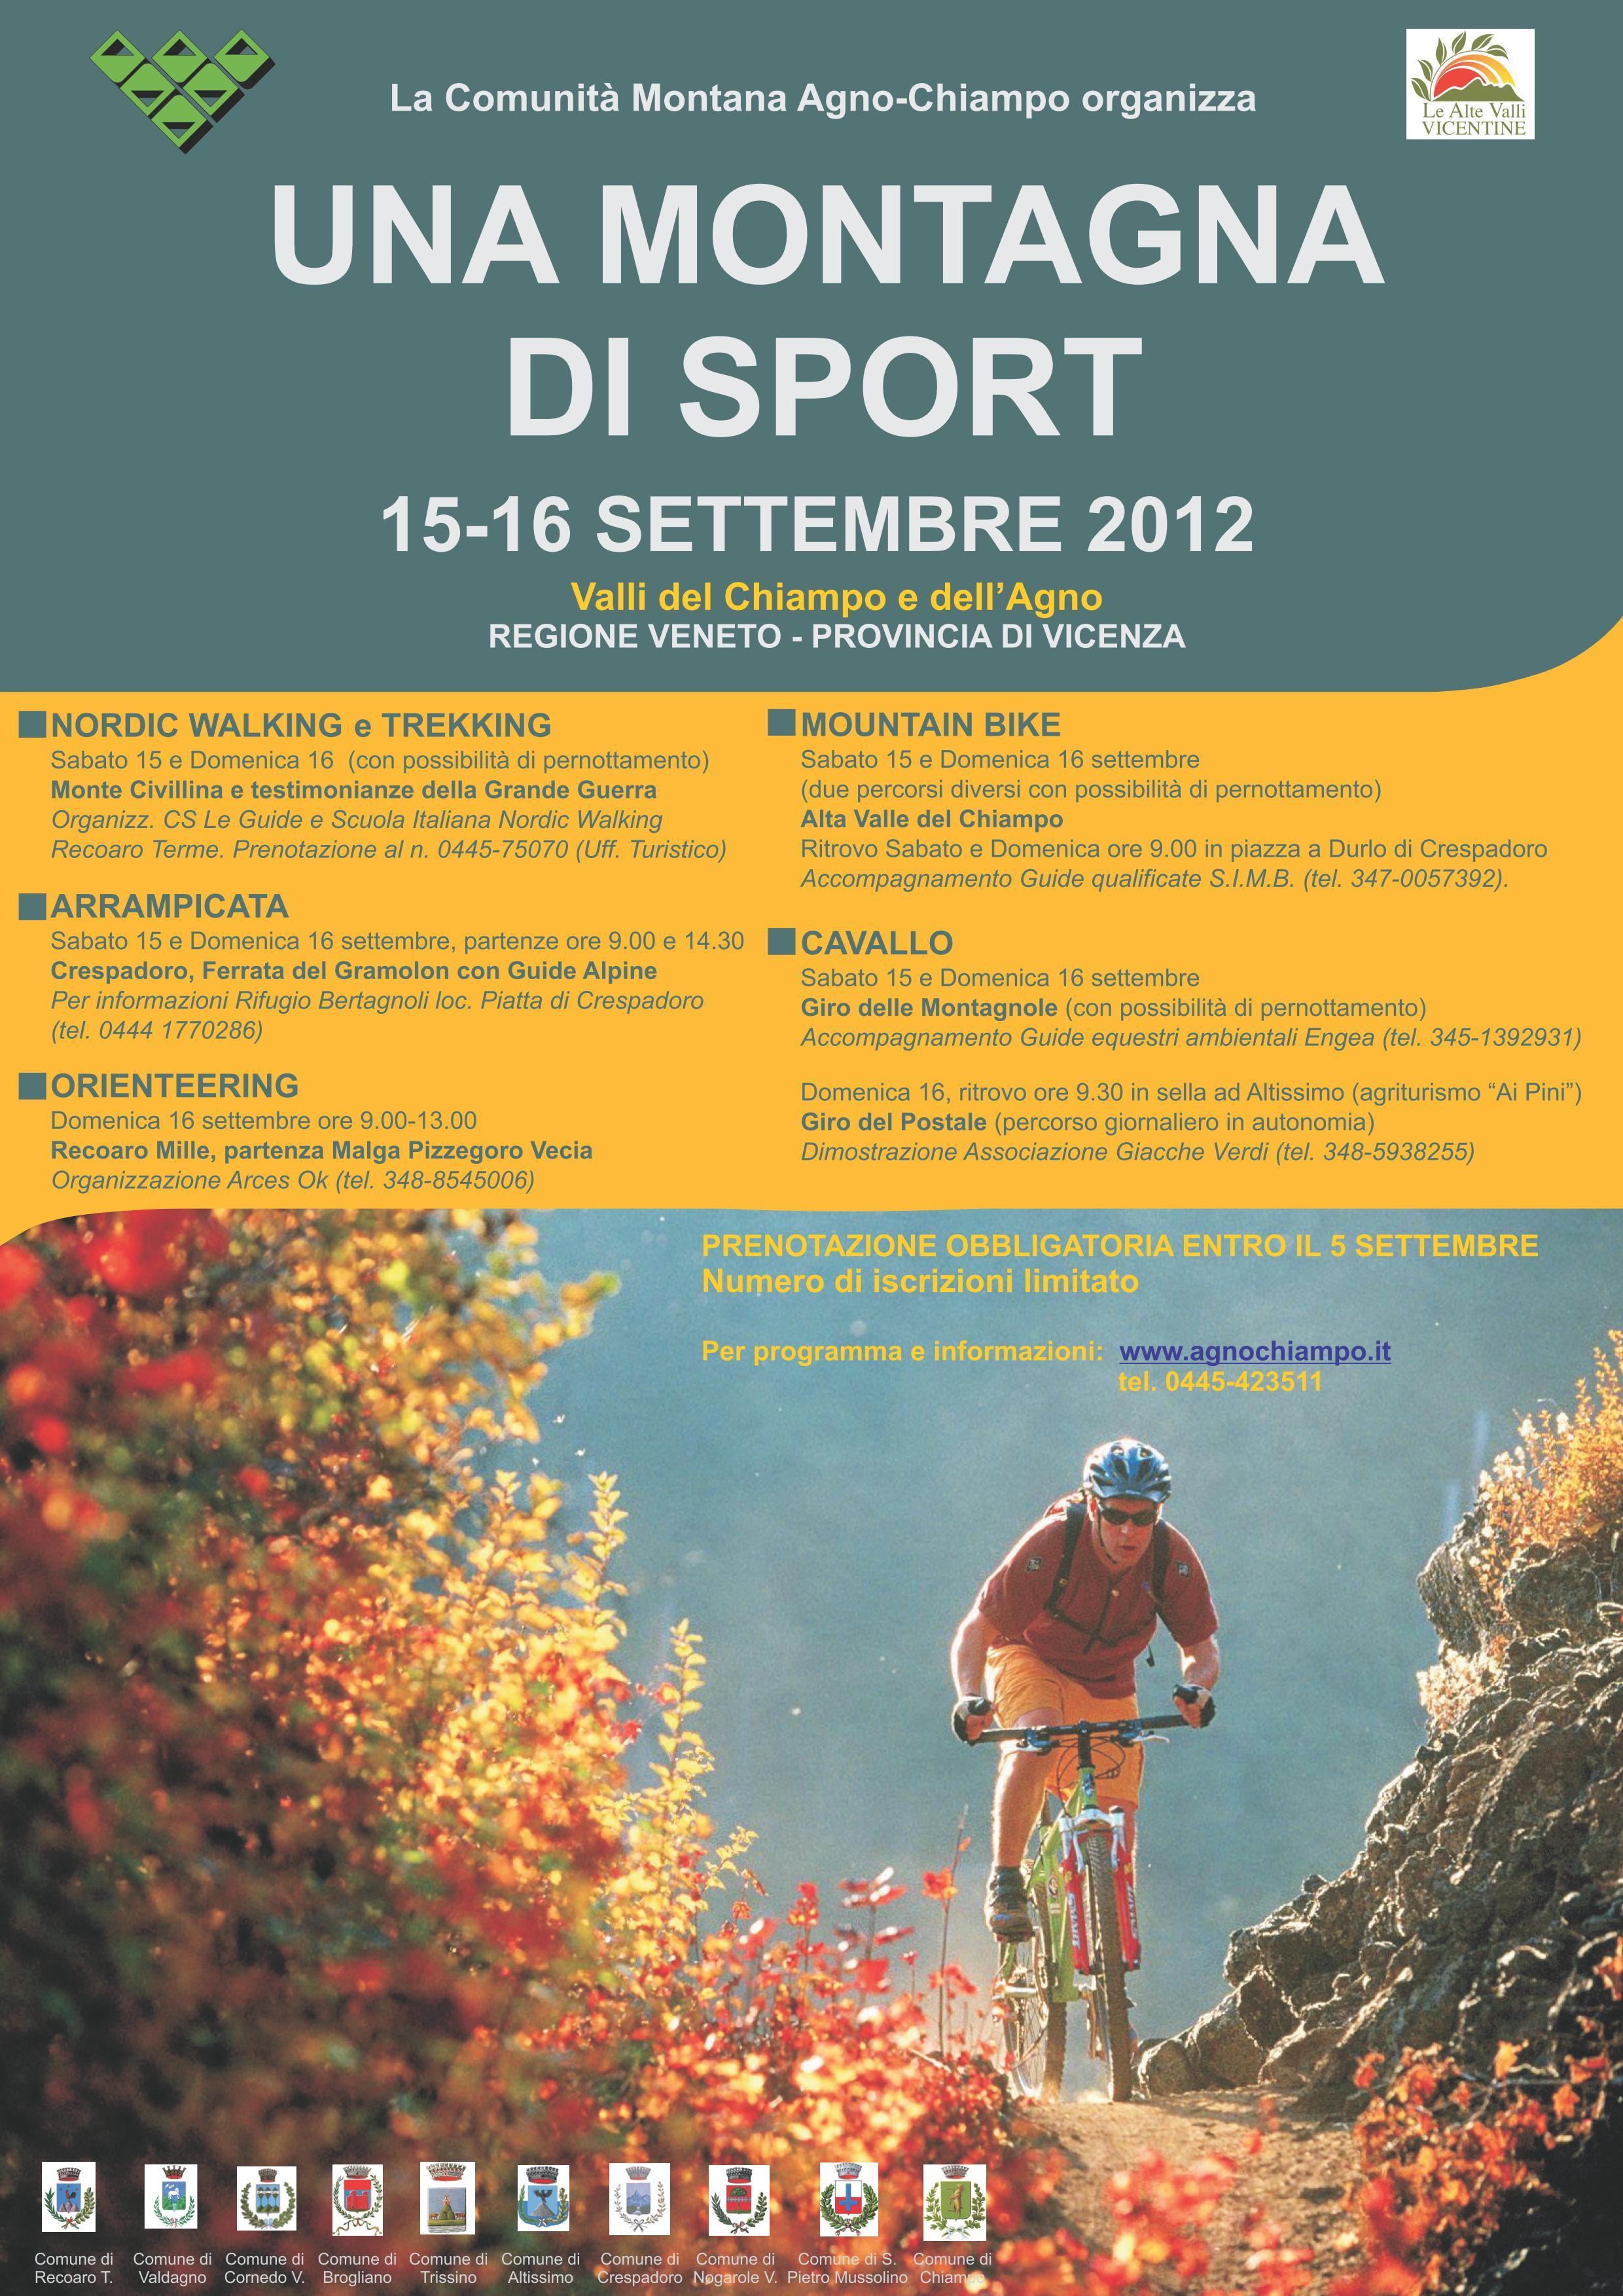 Una Montagna di Sport - jpg.jpg